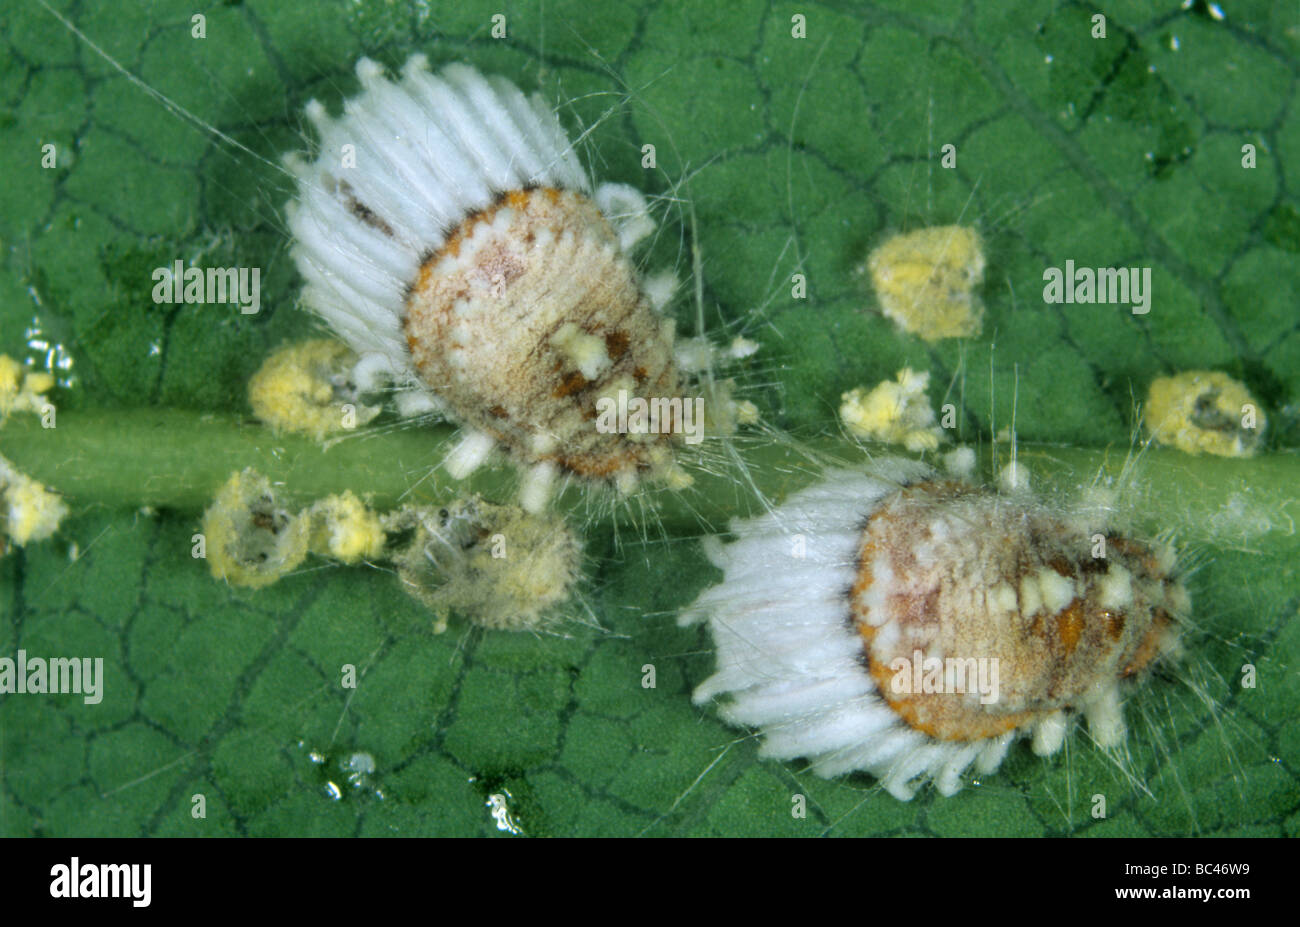 Cottony cushion scale Icerya purchasi adults immature some with entomopathogenic fungus - Stock Image